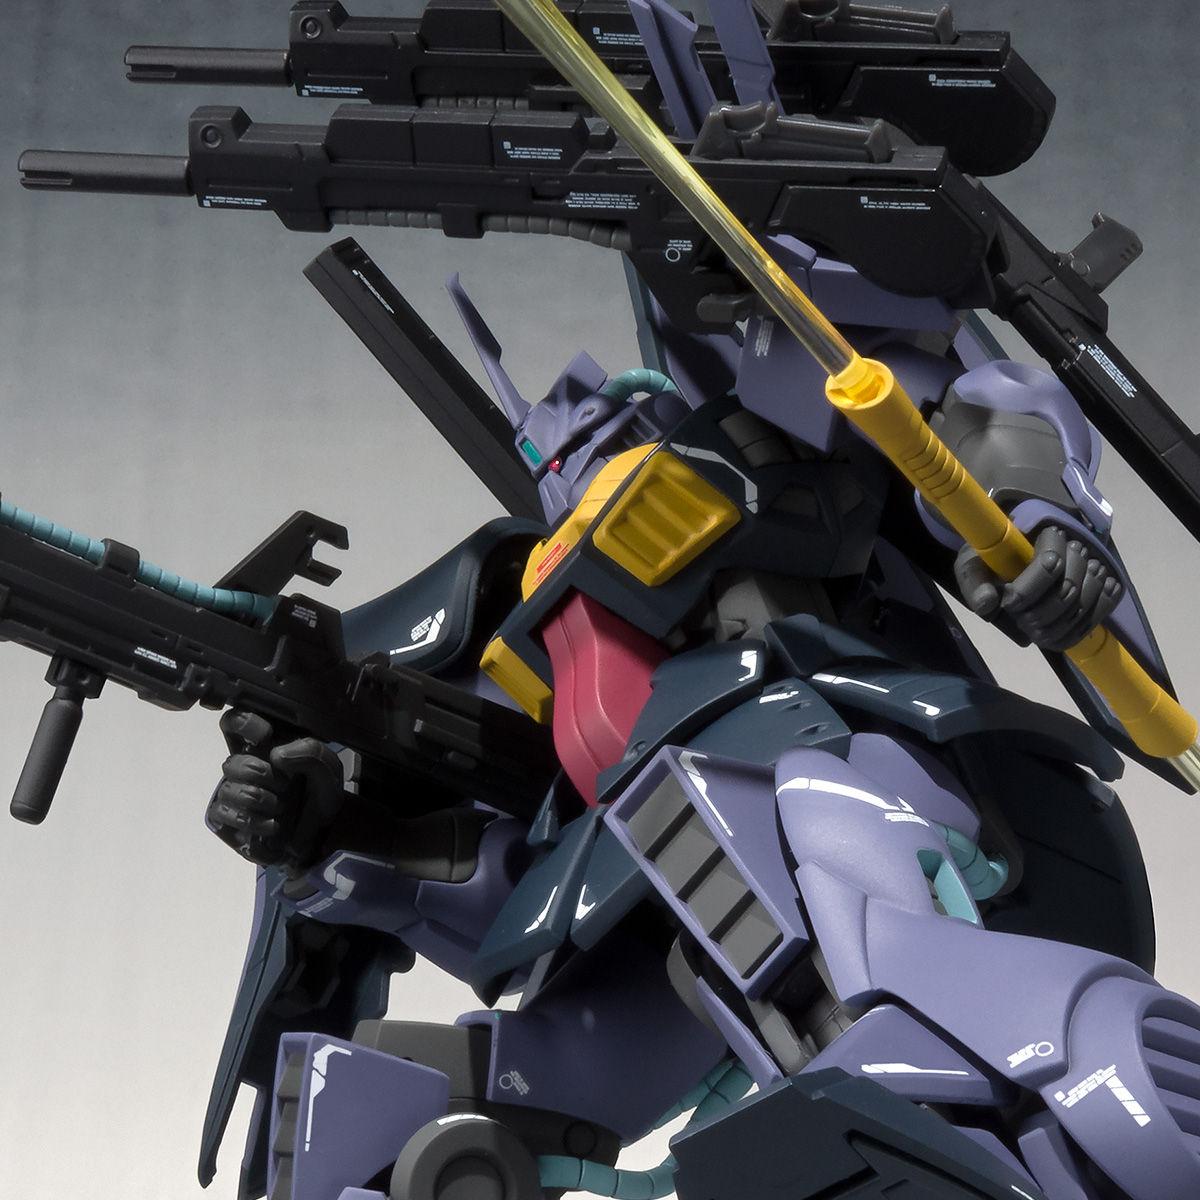 ROBOT魂(Ka signature)〈SIDE MS〉『ディジェ(ナラティブVer.)』機動戦士ガンダムNT 可動フィギュア-001